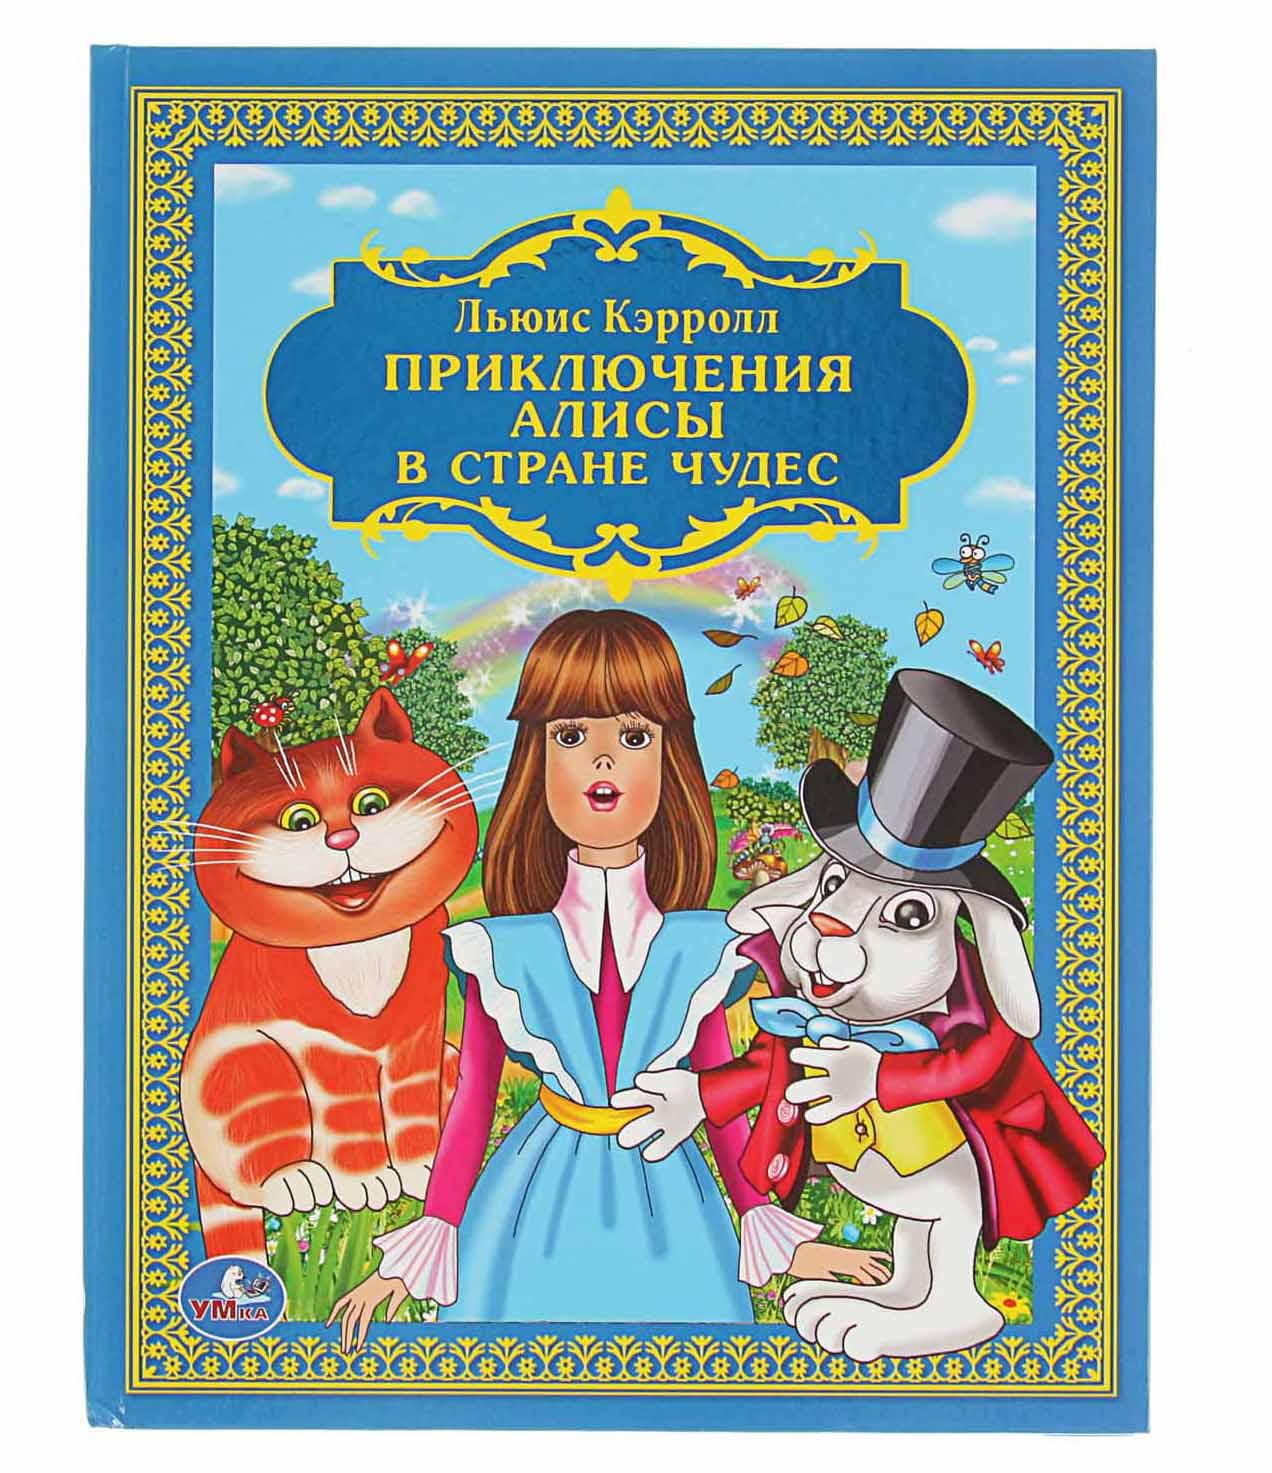 Купить Книга из серии Детская библиотека – Приключения Алисы в Стране чудес, Умка